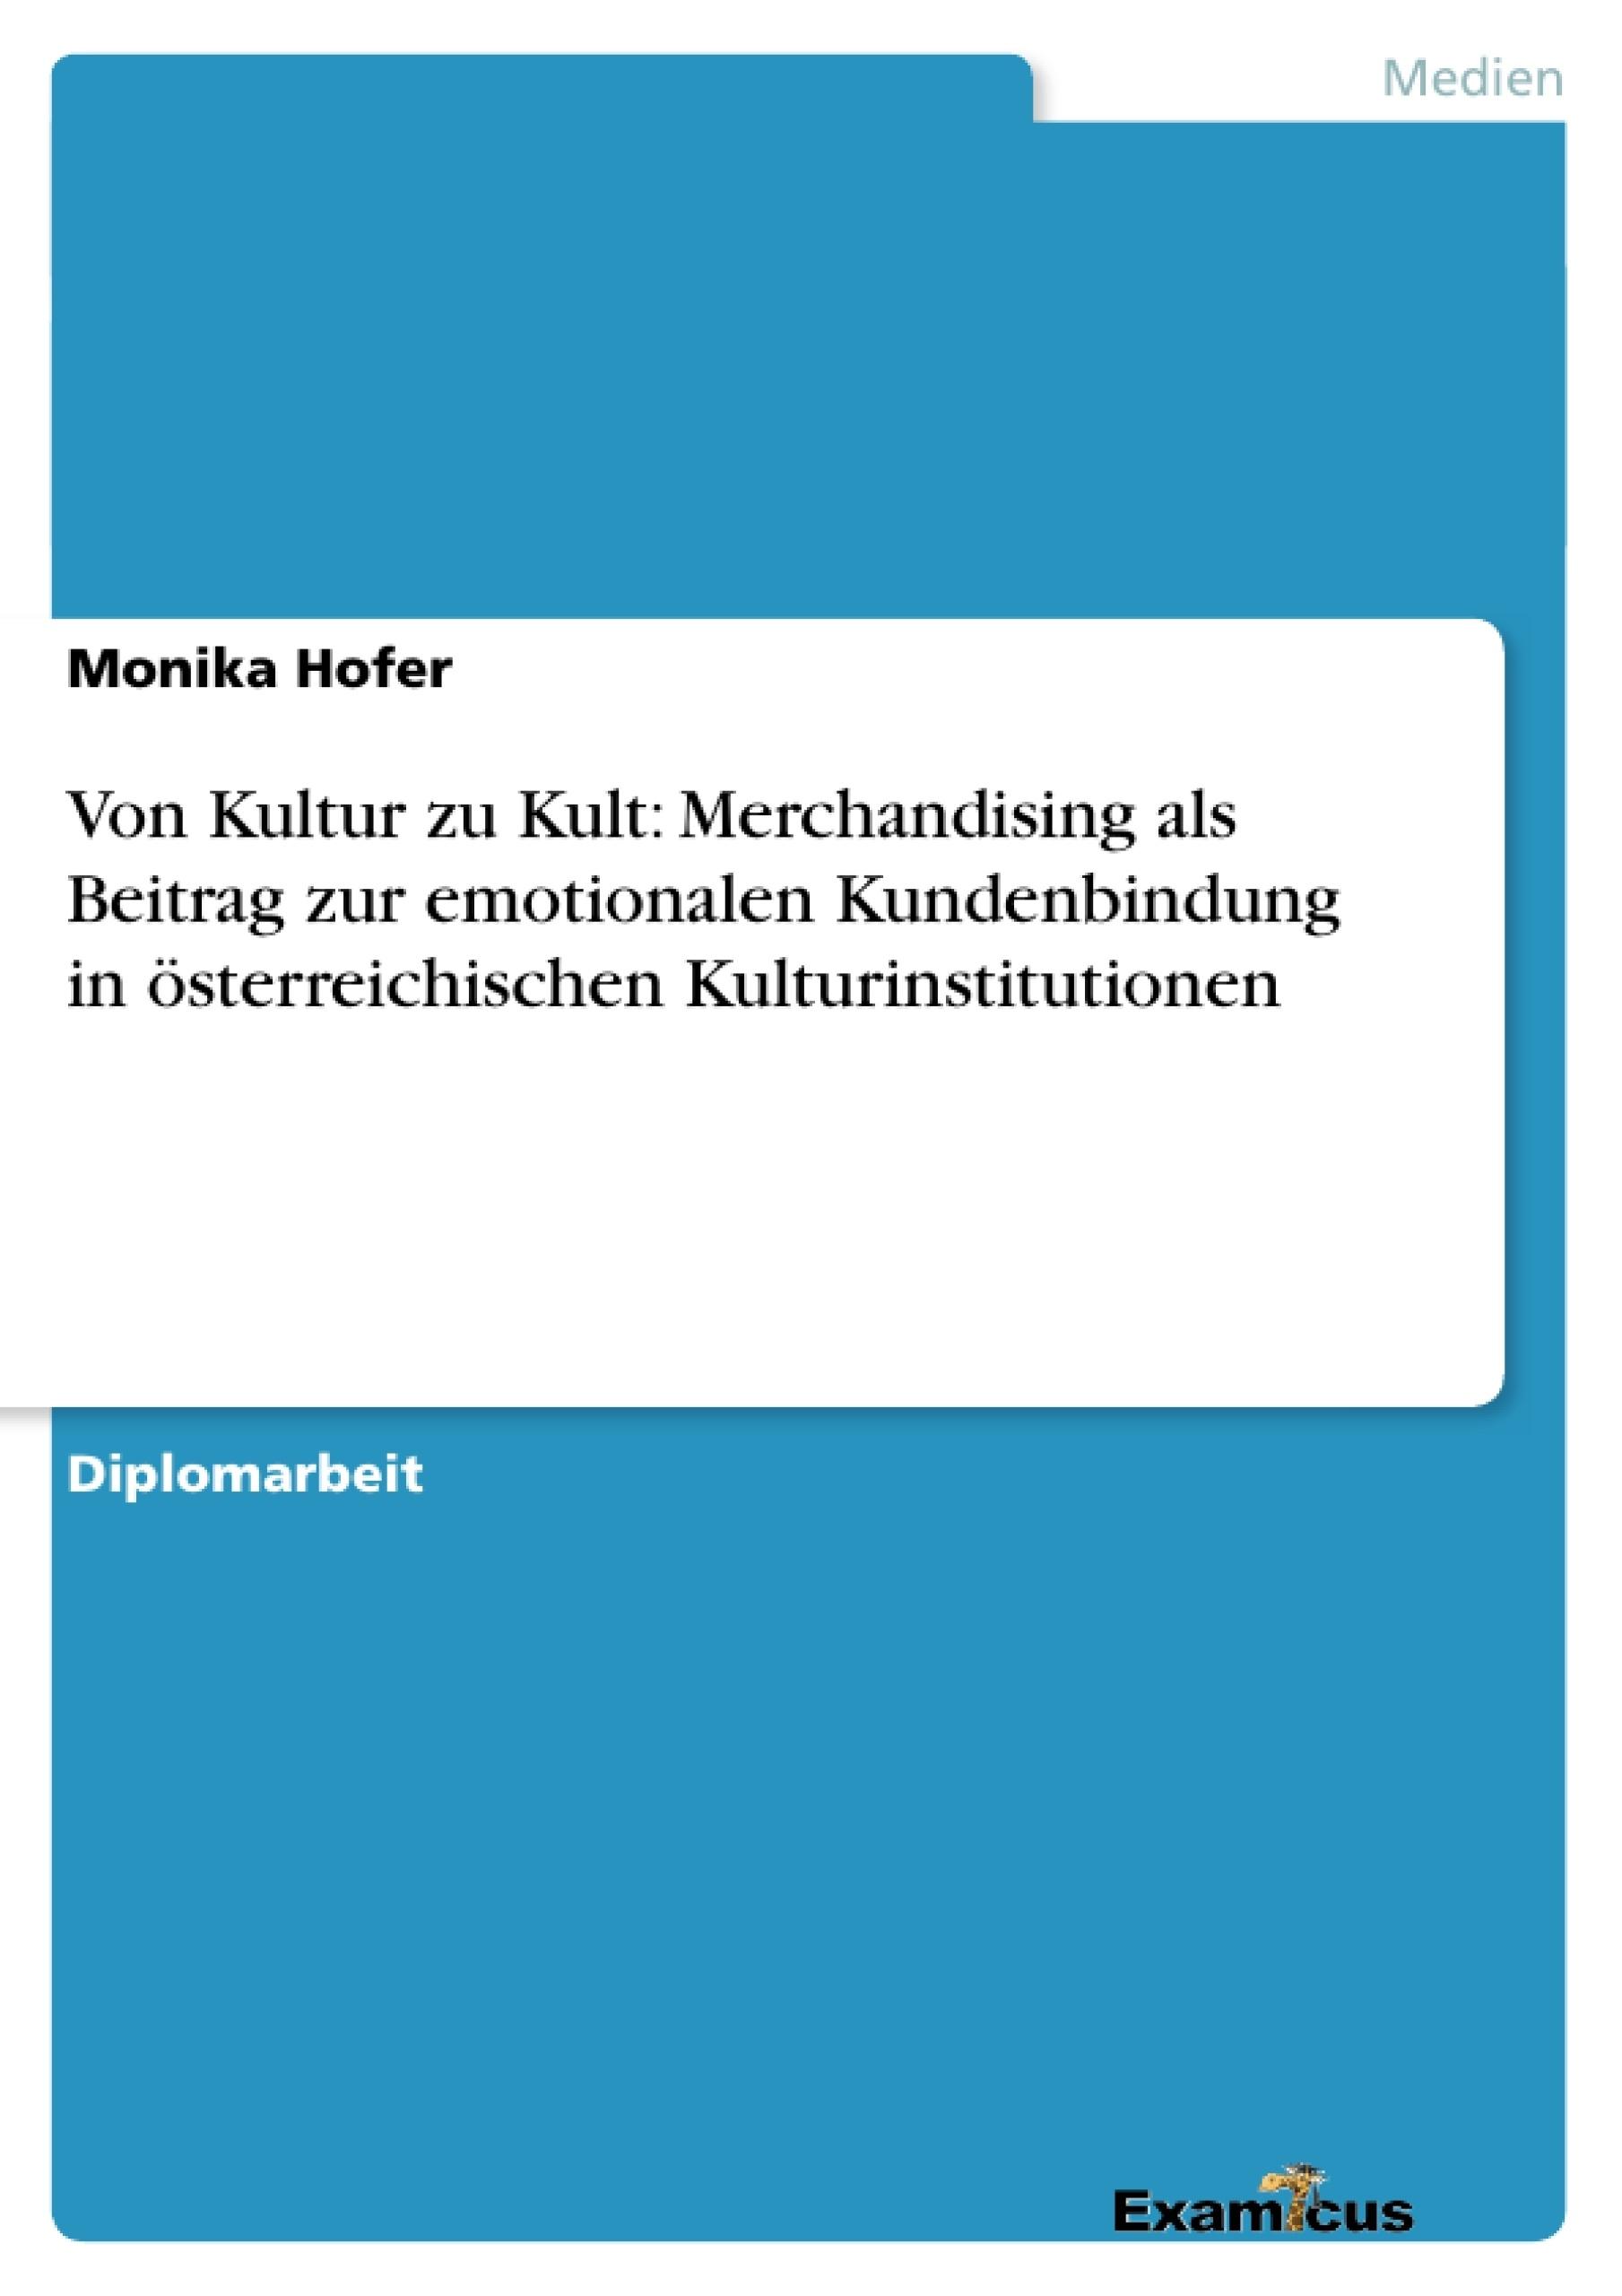 Titel: Von Kultur zu Kult: Merchandising als Beitrag zur emotionalen Kundenbindung in österreichischen Kulturinstitutionen